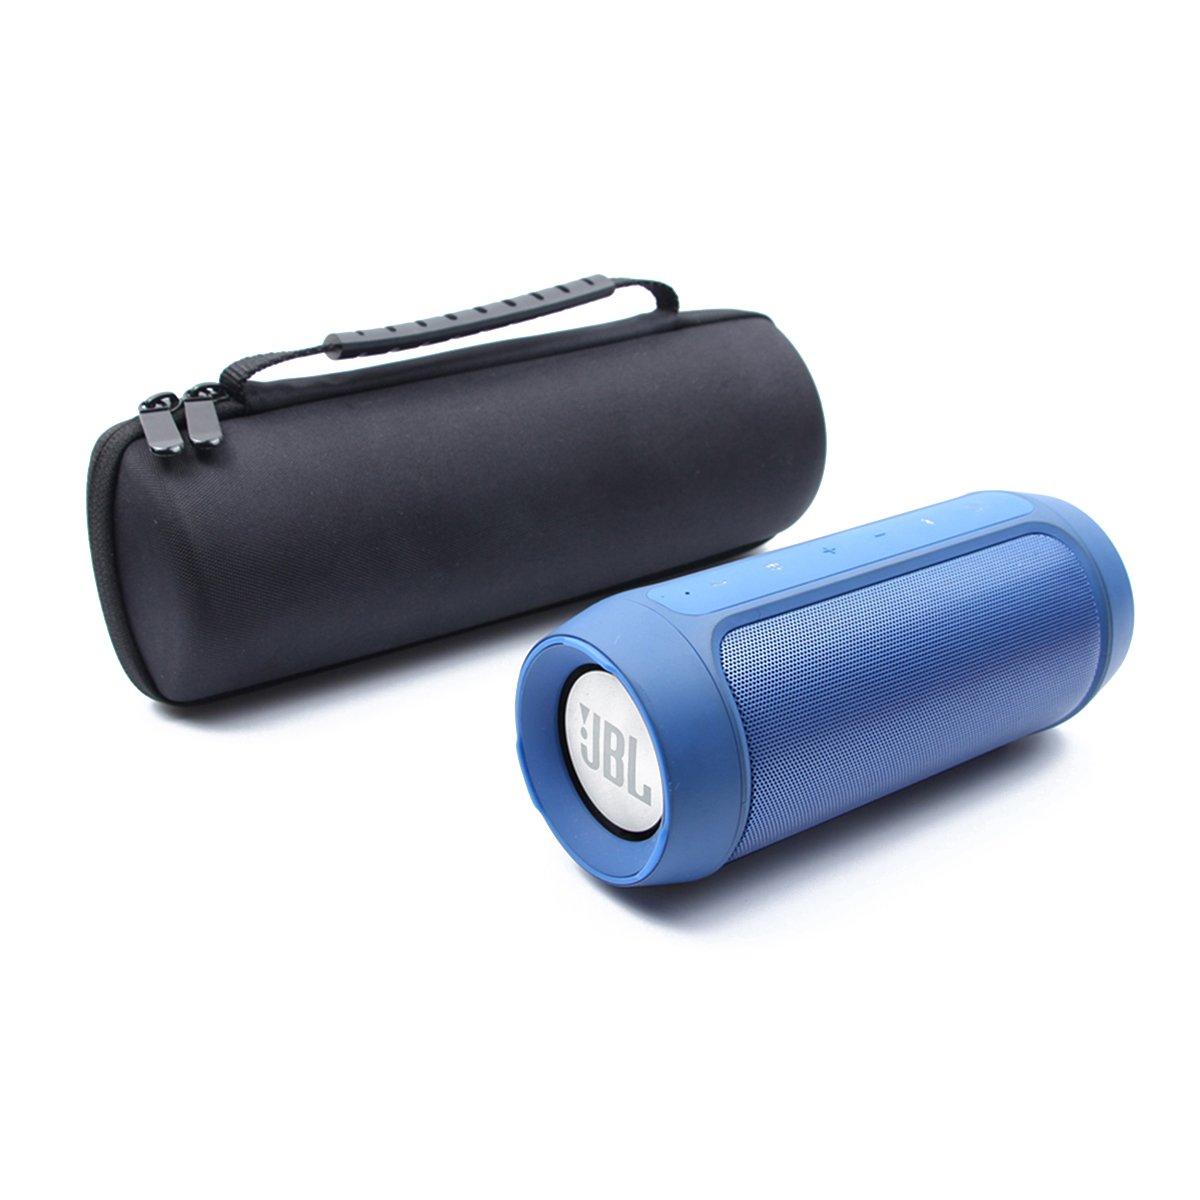 Pixnor for JBL Charge 2 Charge 2 + PlusスピーカーワイヤレスBluetoothポータブルハードキャリーケース旅行バッグ   B01DK0F9ZC